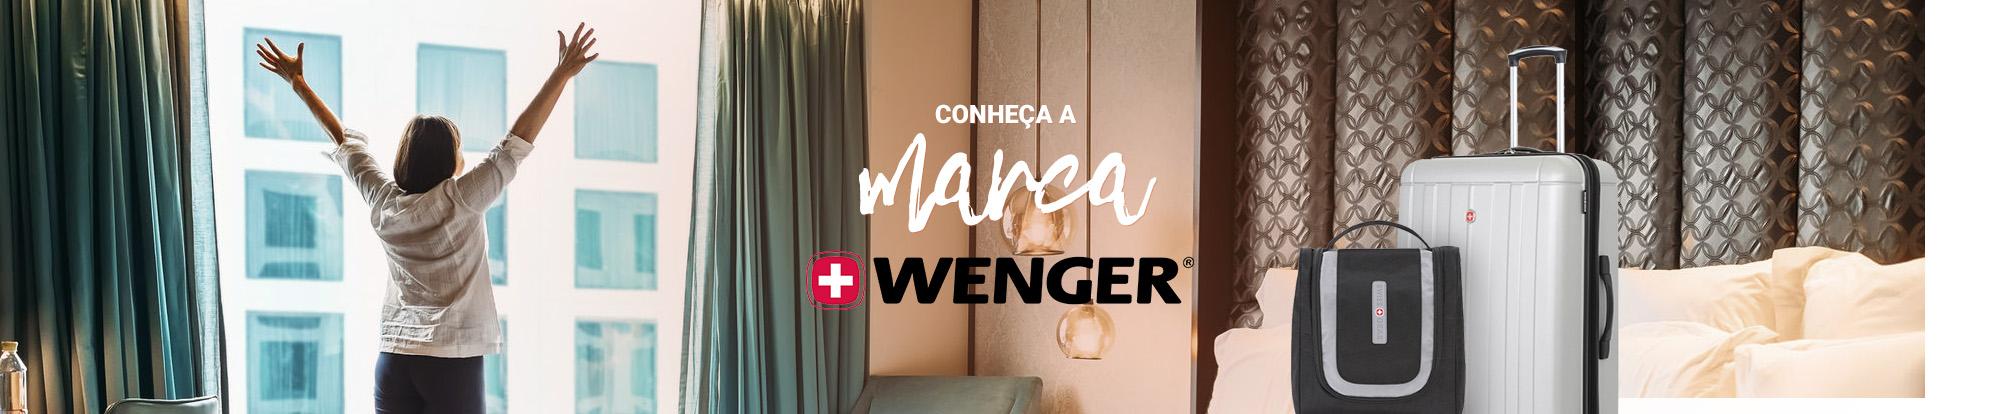 Banner Marca Wenger